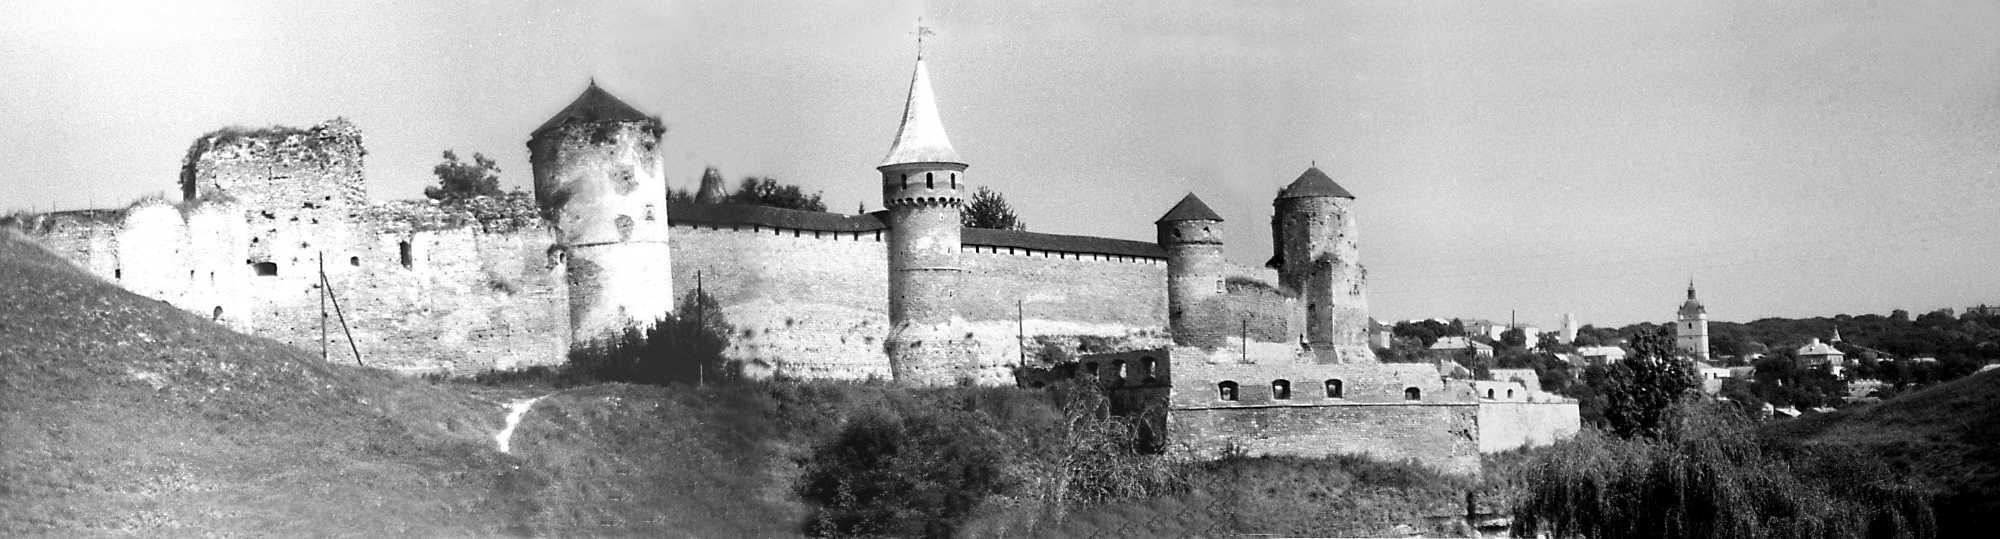 1989 р. Панорама з південного заходу